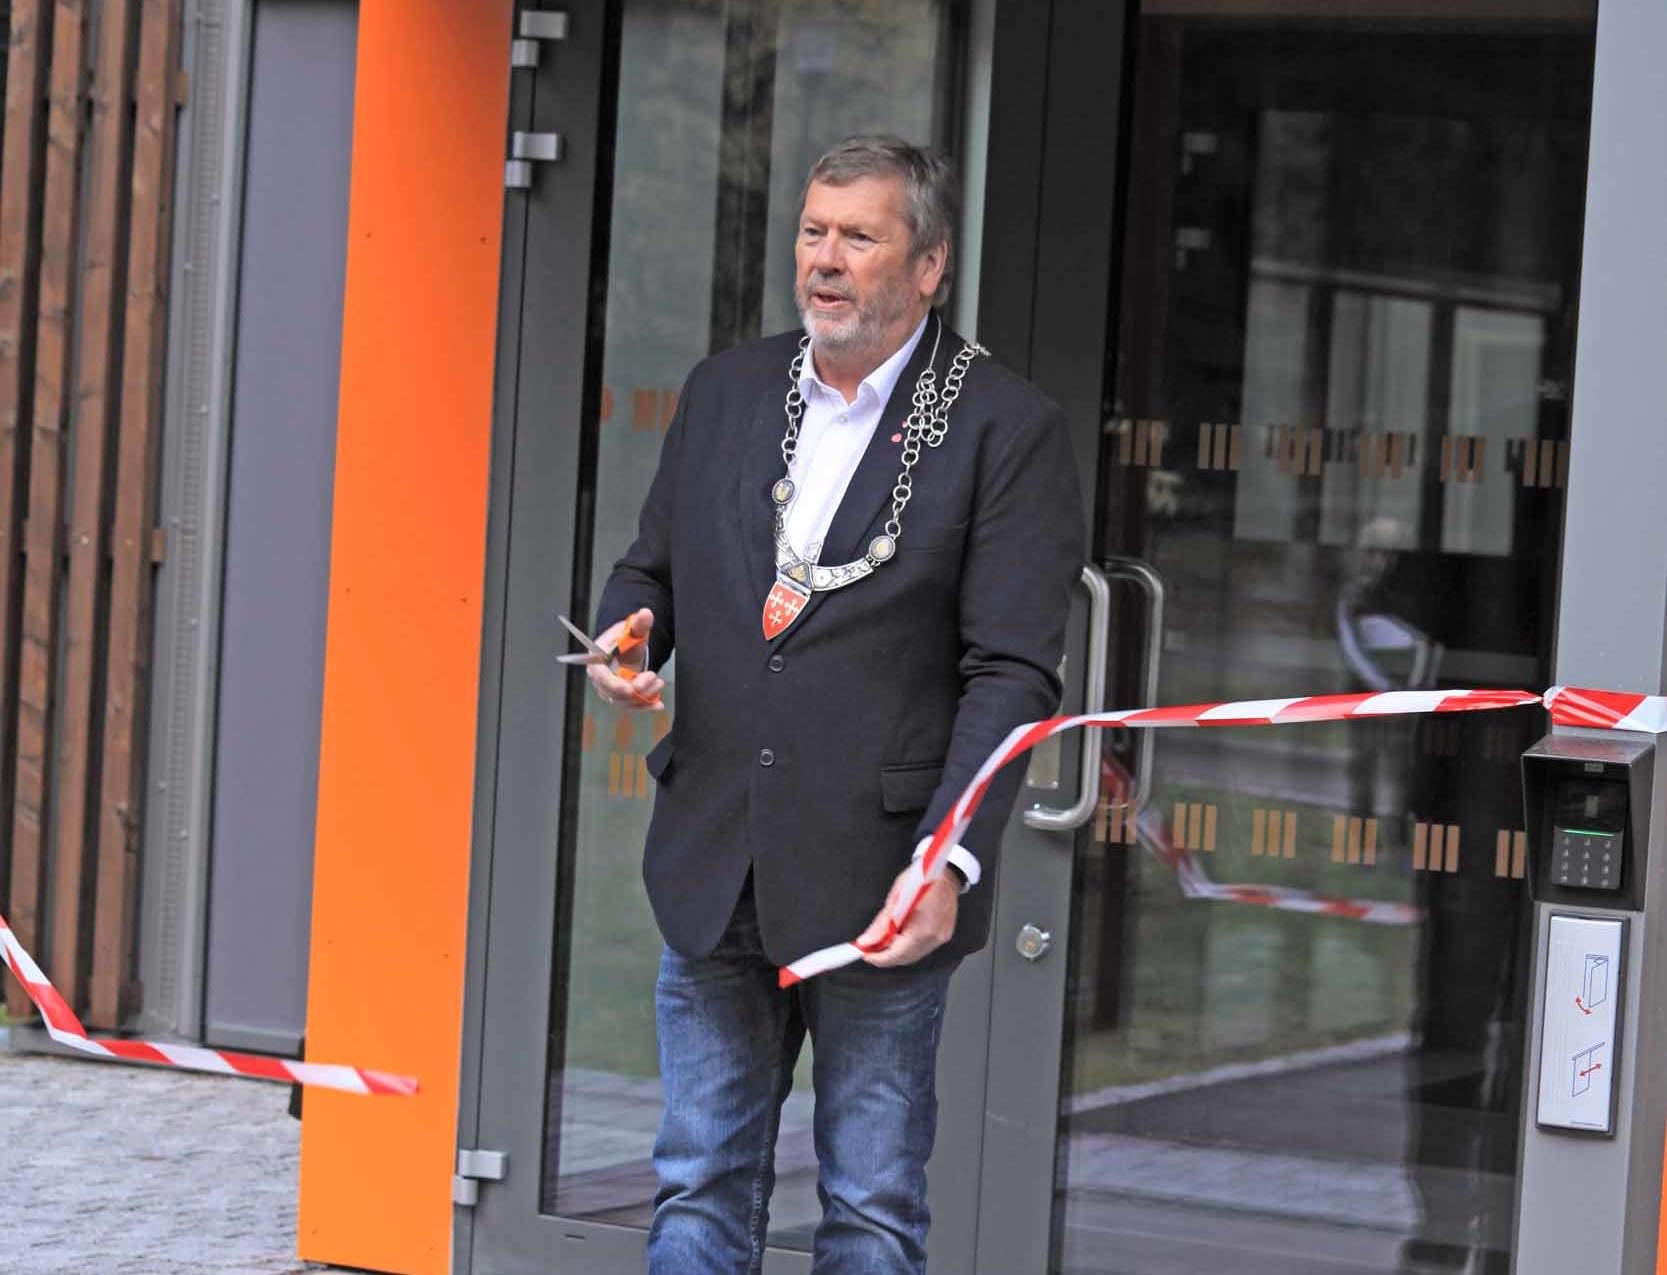 Snorklipping ved ordfører Ludvigsen